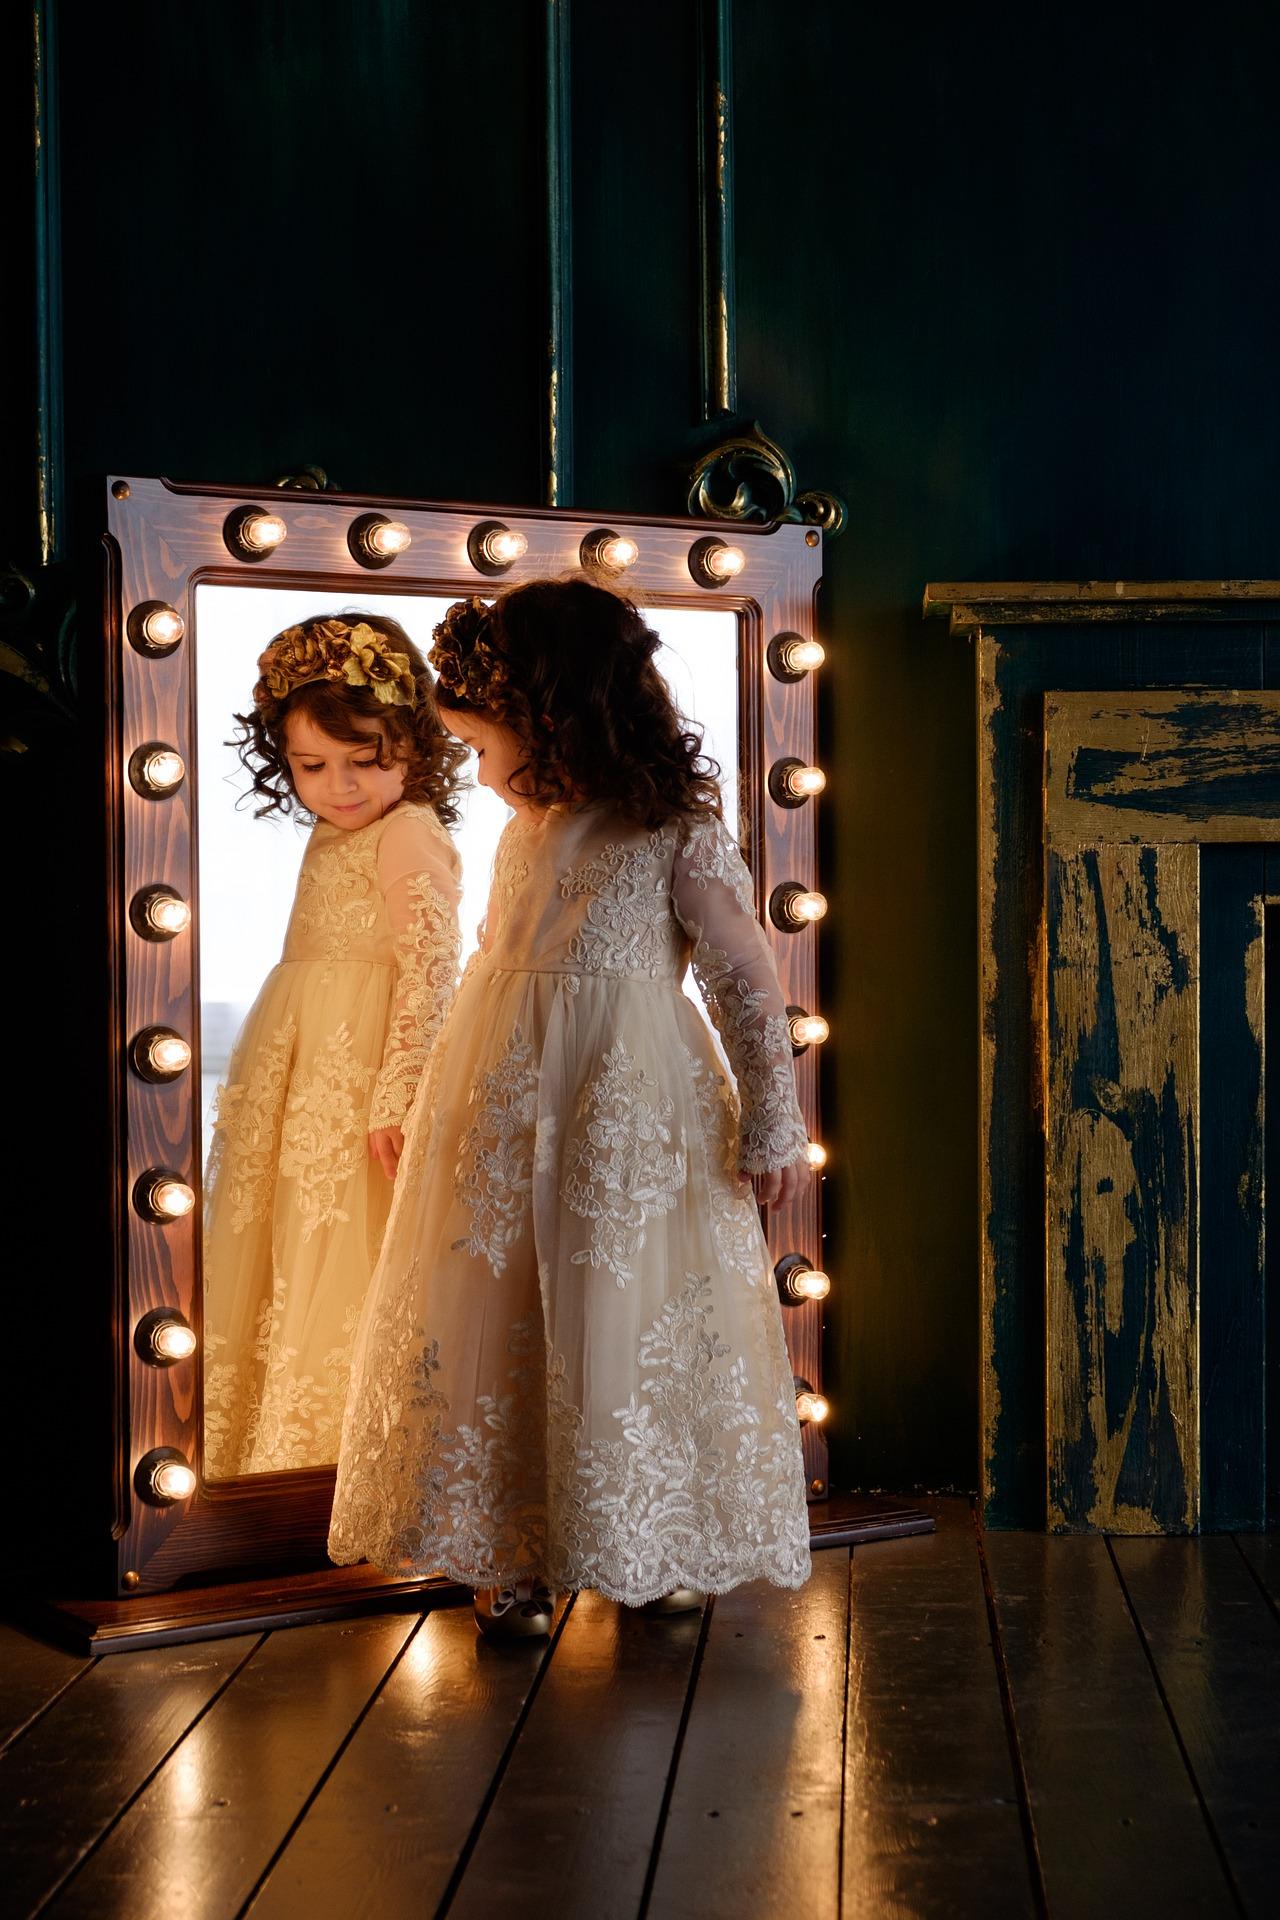 Une petite fille se regarde dans un miroir